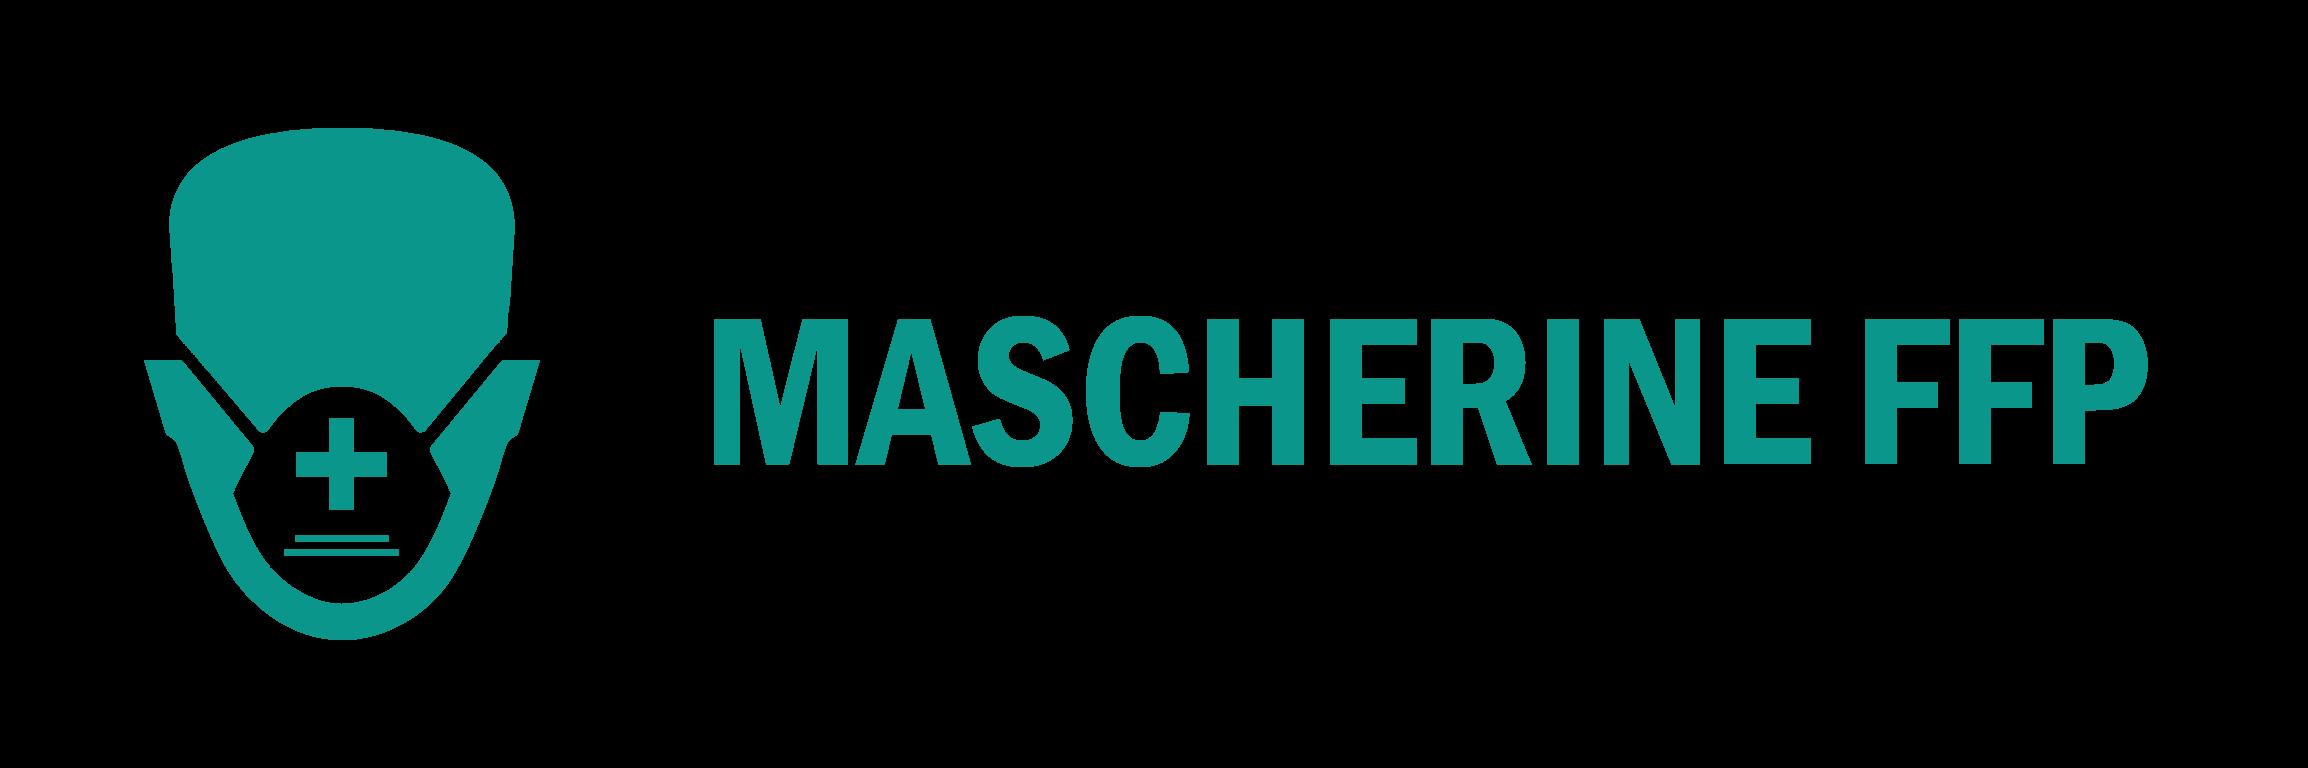 mascherine ffp acquisto